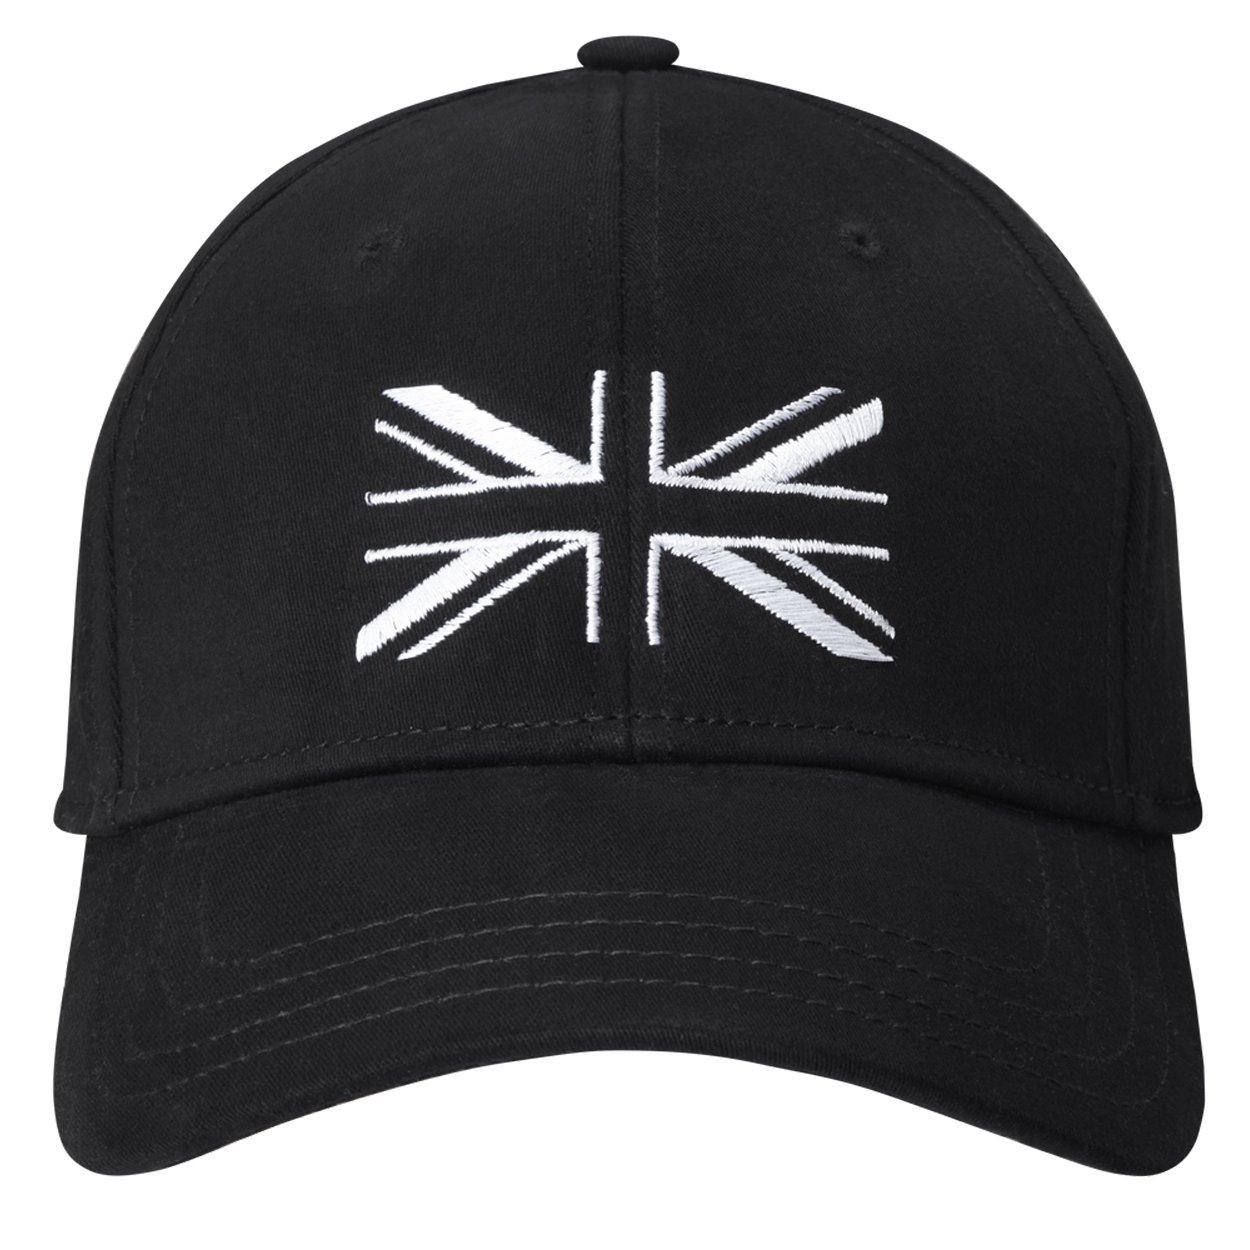 Gents BRIT Cap in Black